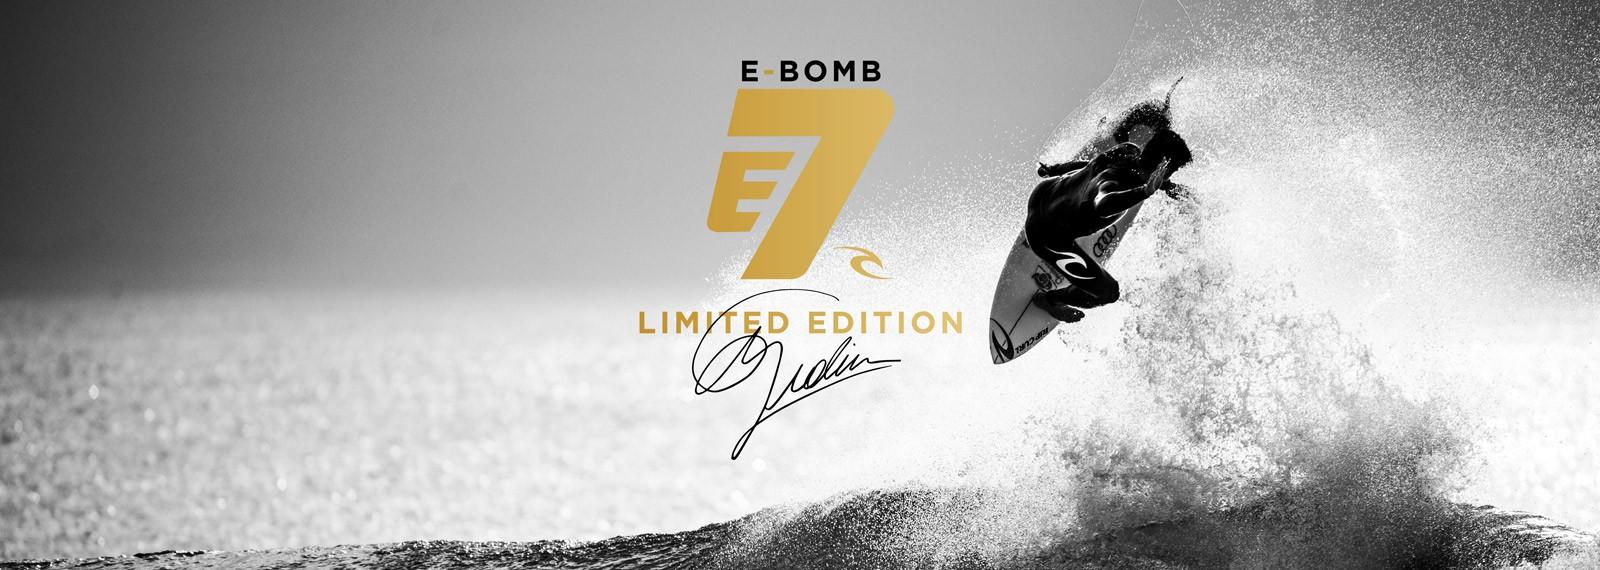 rip curl e bomb 7